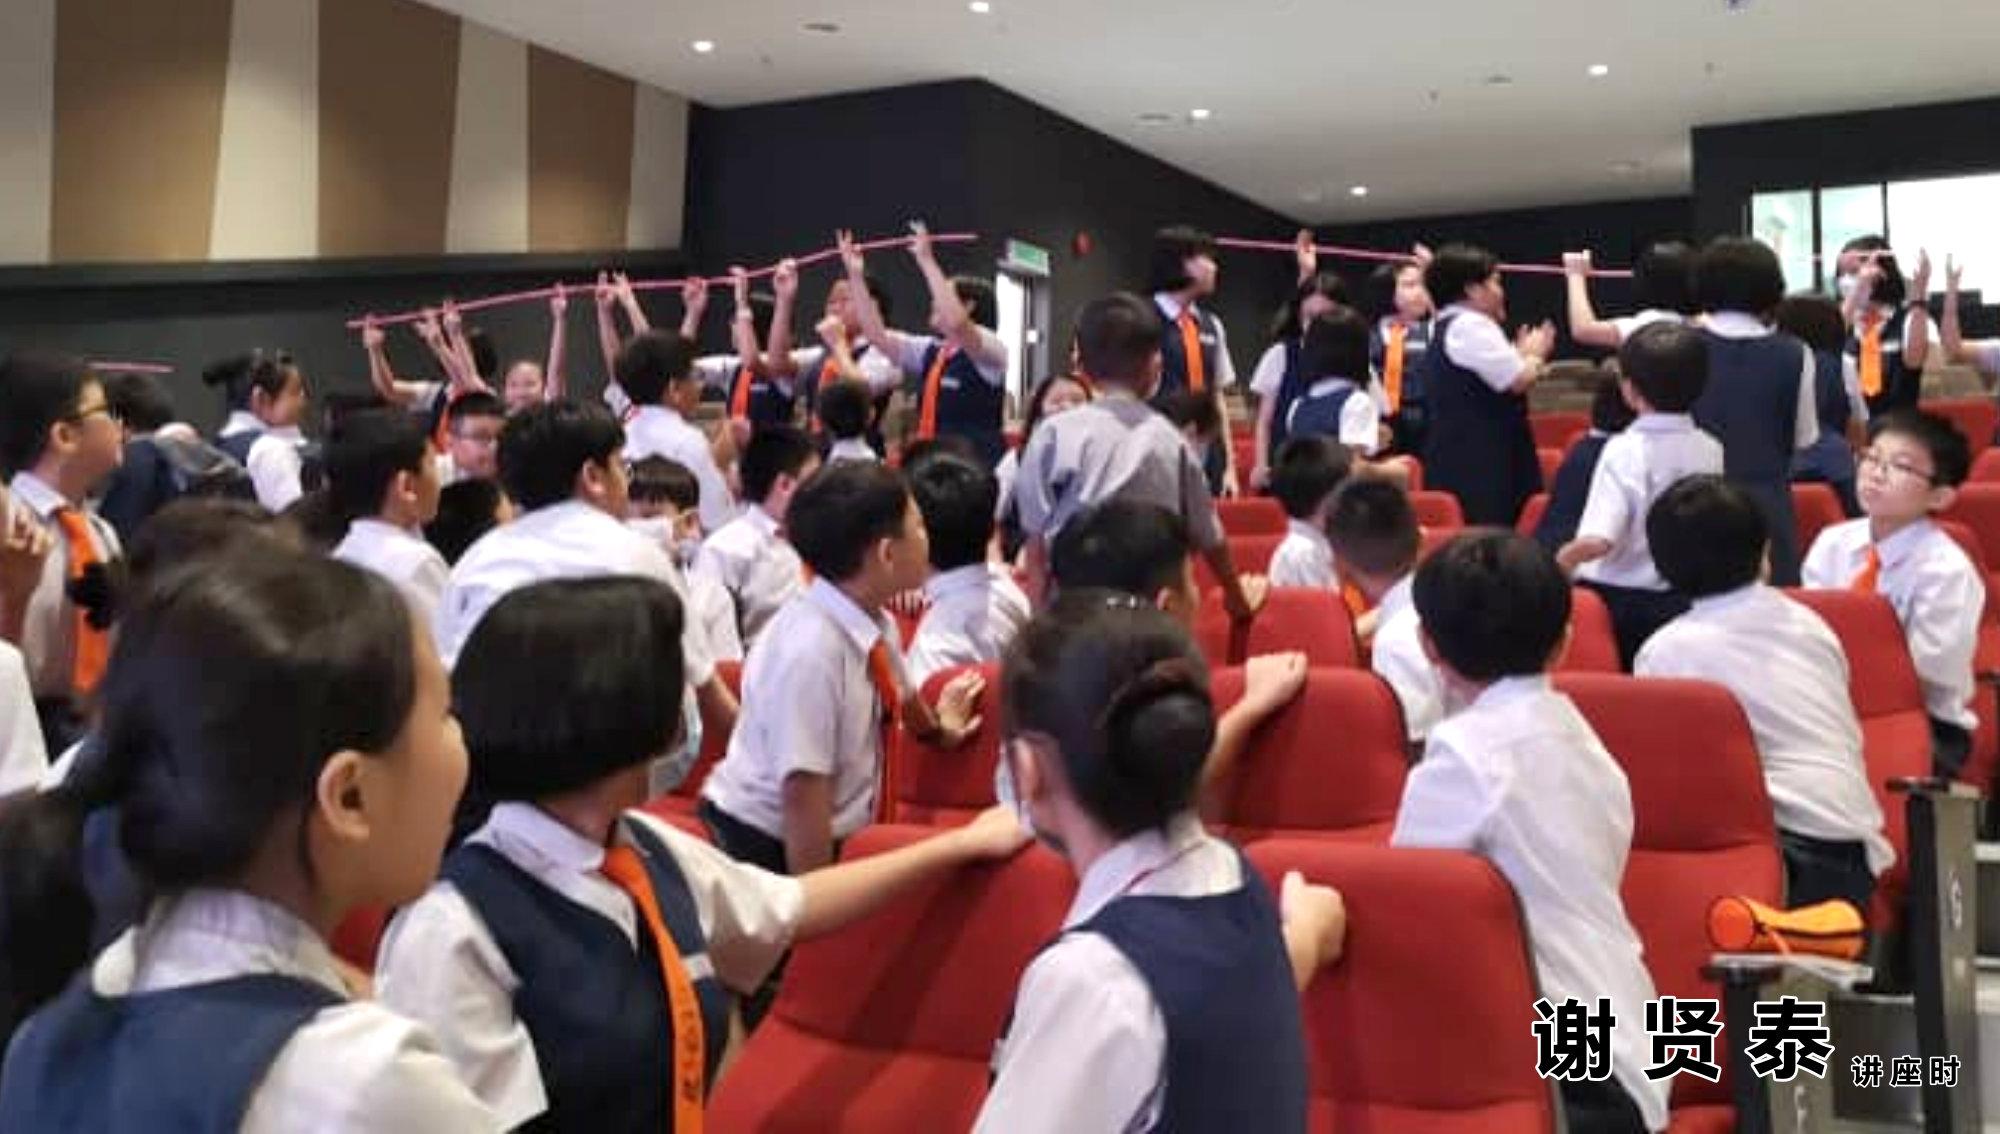 谢贤泰 新山宽柔一小 成为团队领袖 Be A Team Leader 2020小领袖培训营 麻坡小学领袖培训 新山小学培训 A018